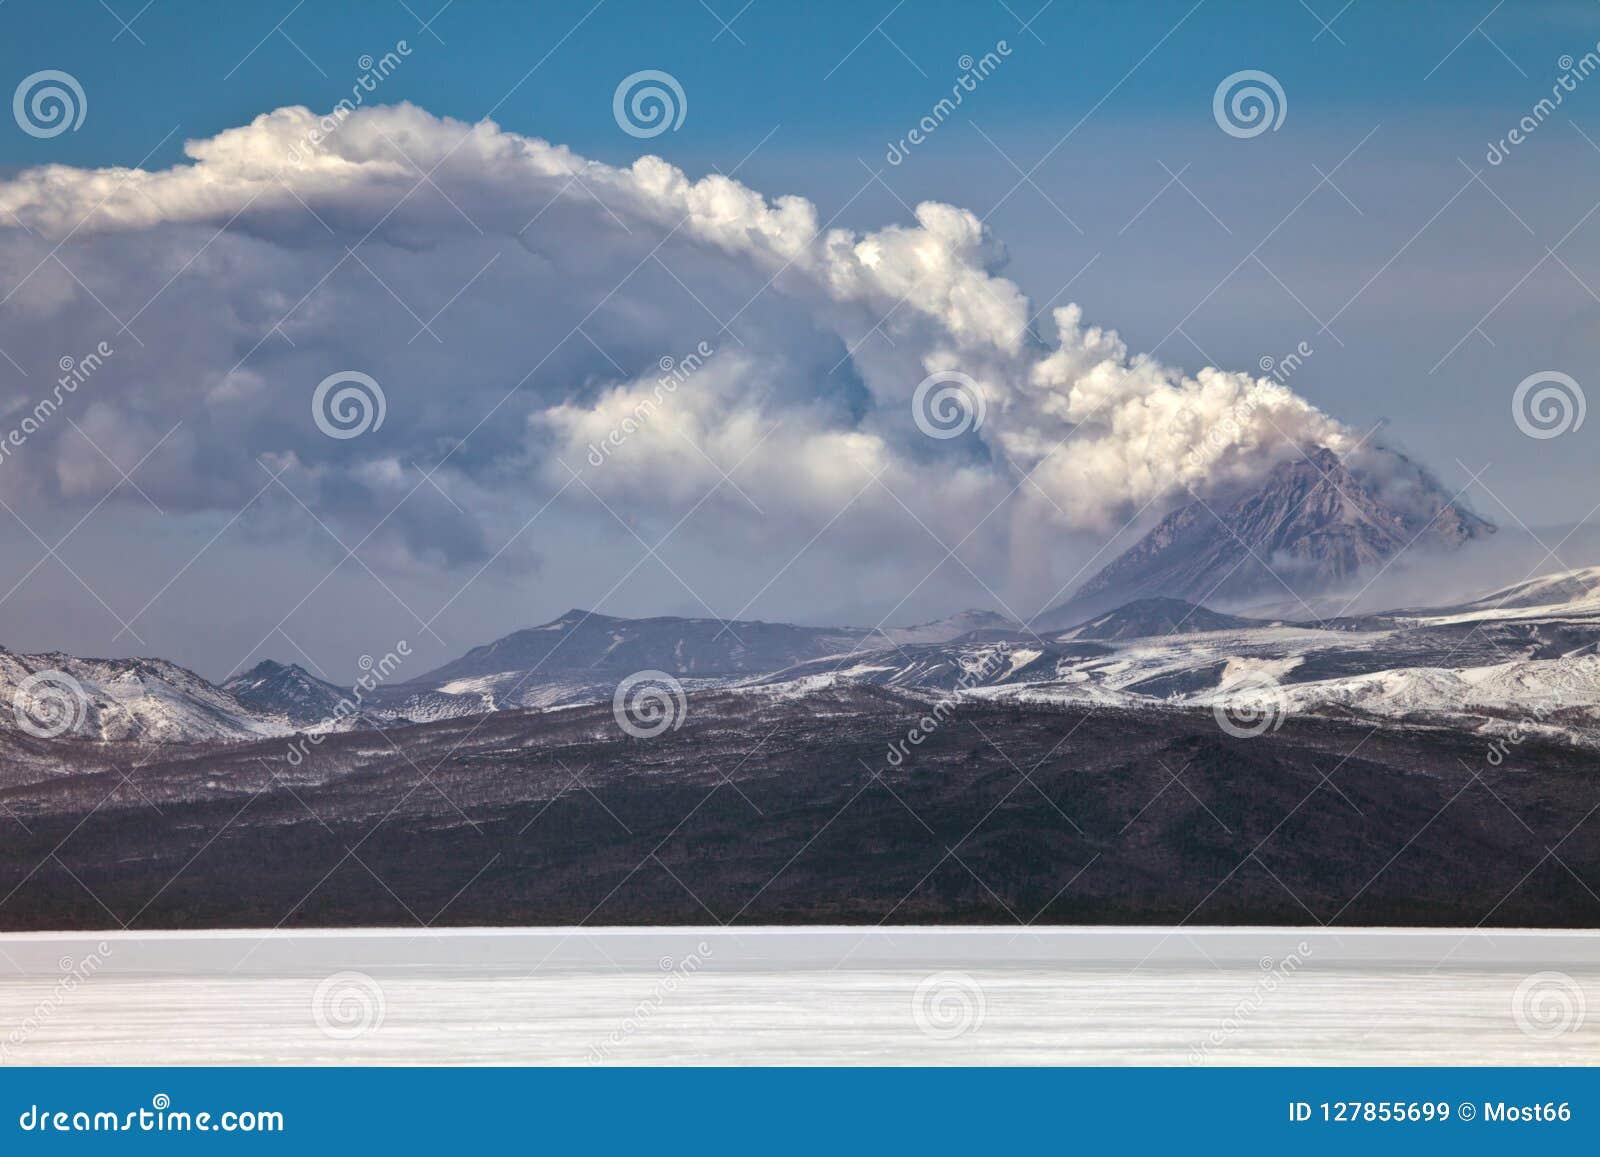 火山爆发在堪察加,火山碎屑岩的流